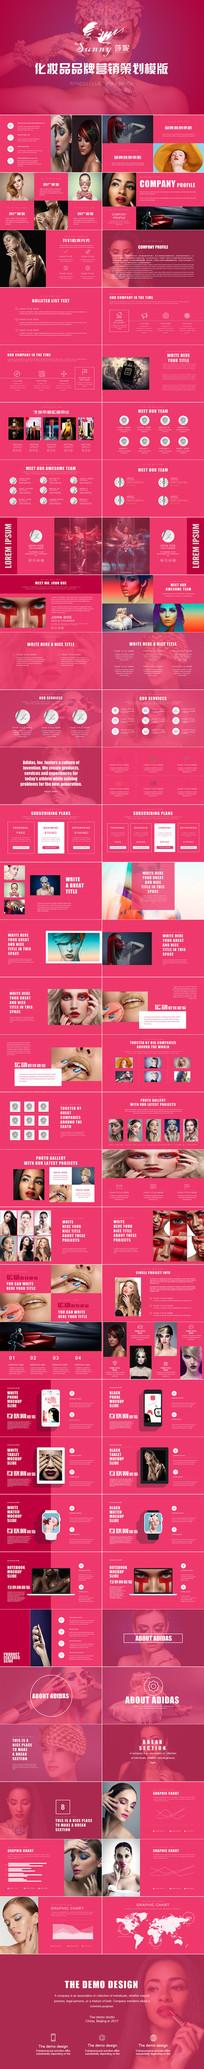 品牌化妆品欧莱雅市场营销策划ppt